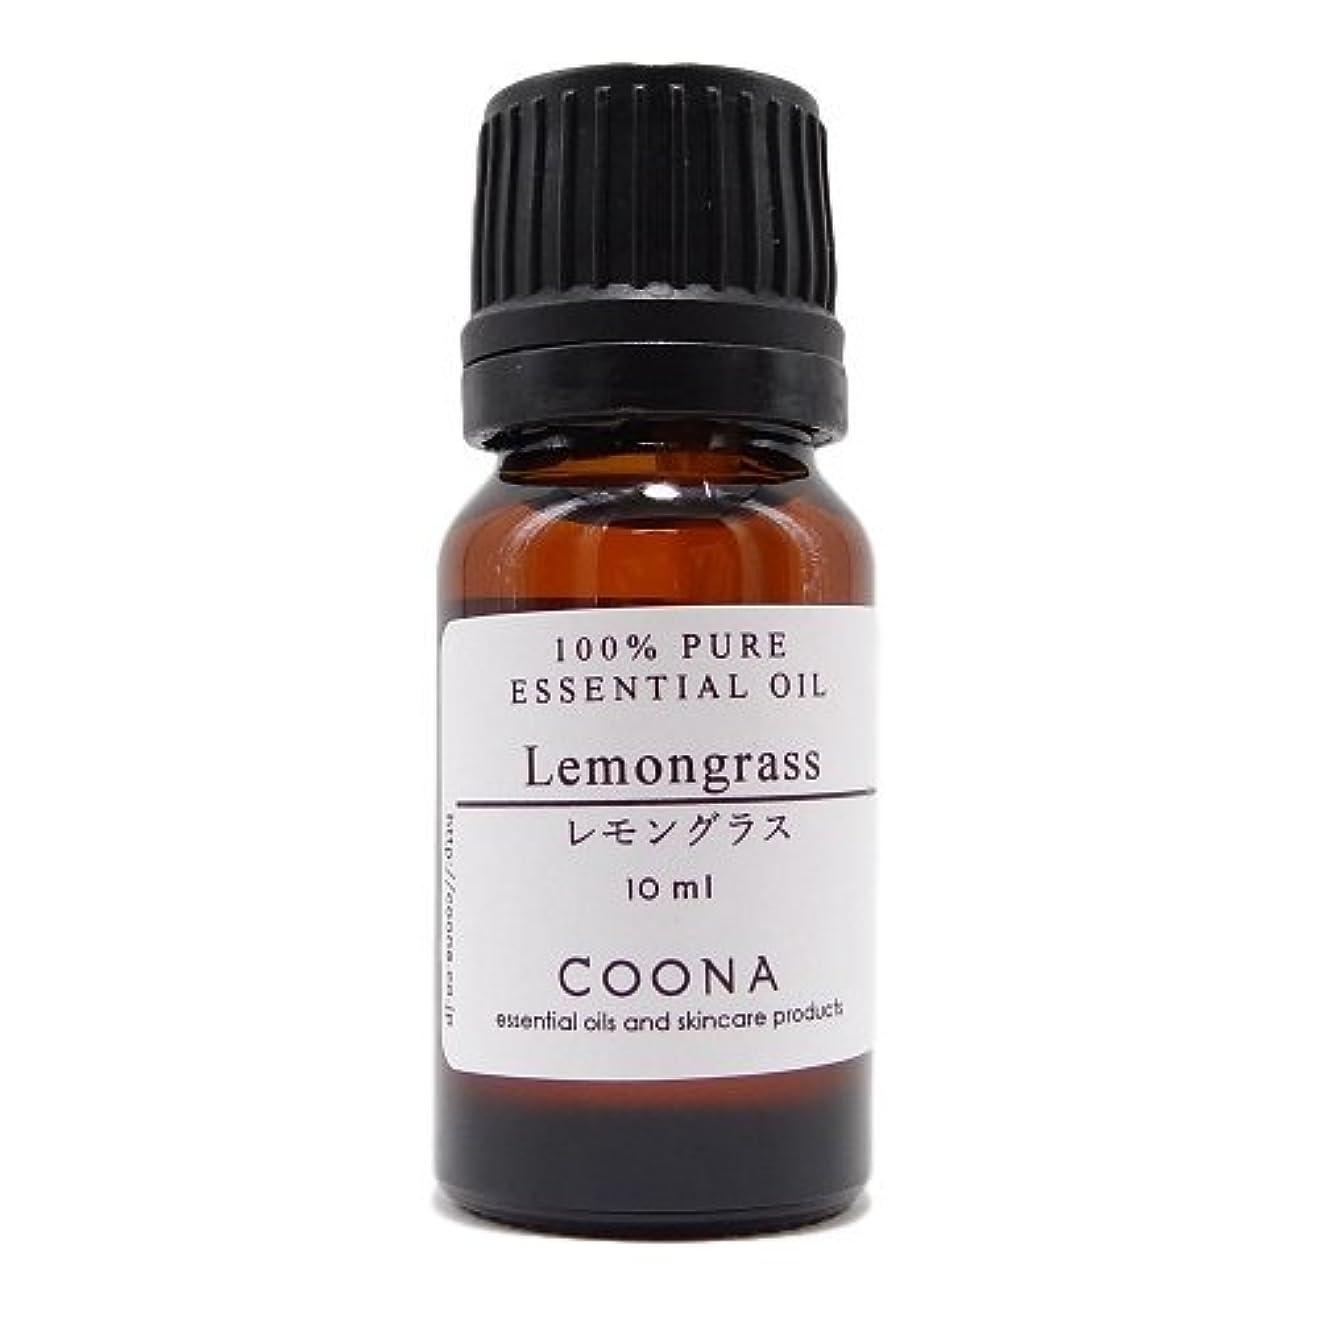 イベントリクルート領域レモングラス 10 ml (COONA エッセンシャルオイル アロマオイル 100%天然植物精油)